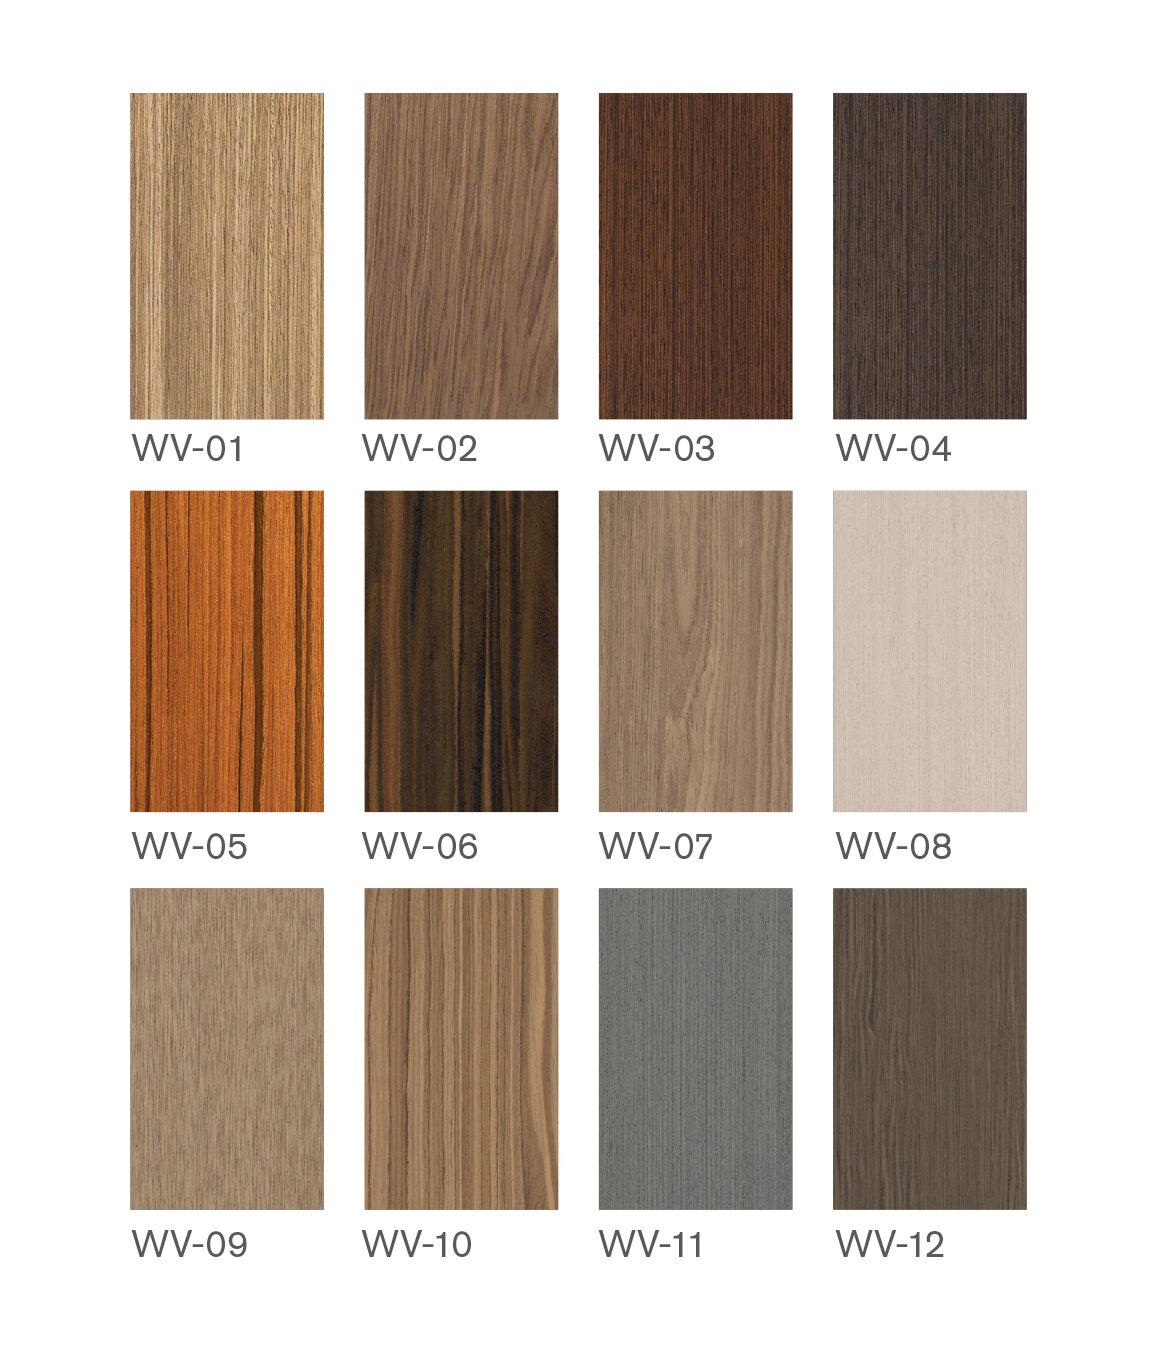 Real wood veneer